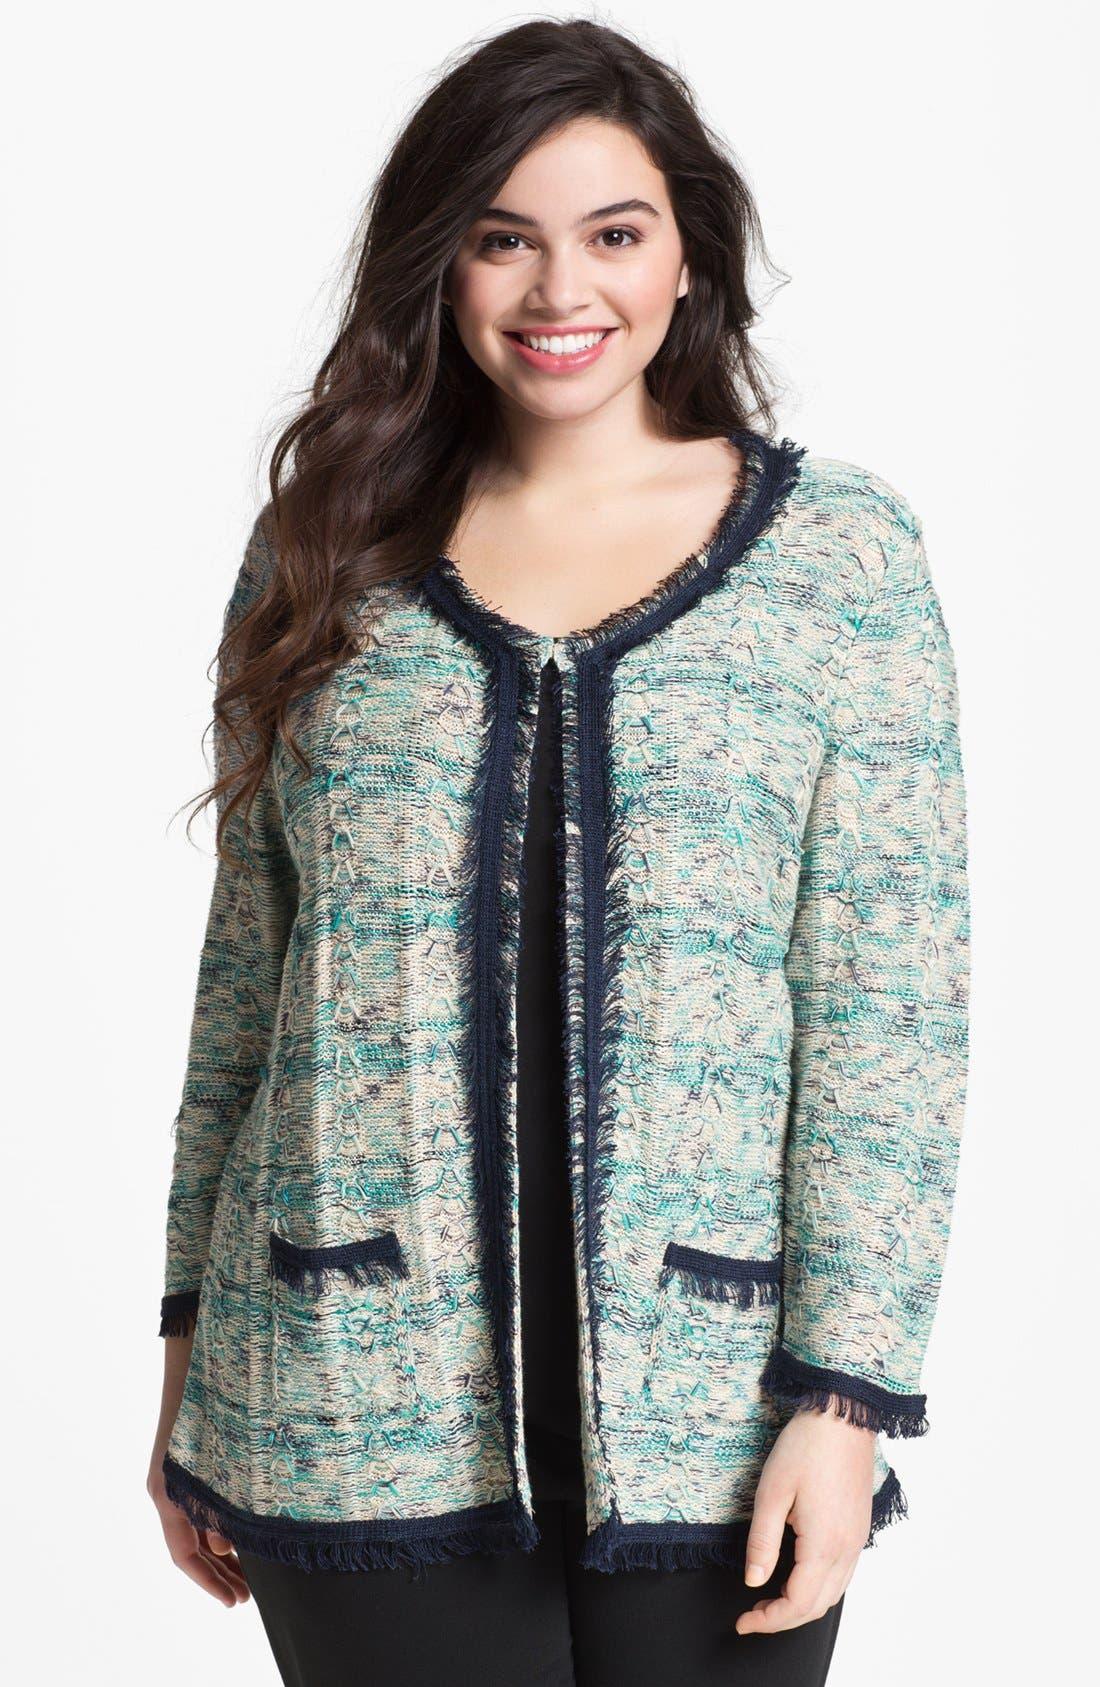 Alternate Image 1 Selected - Nic + Zoe 'Tweedy' Knit Jacket (Plus Size)